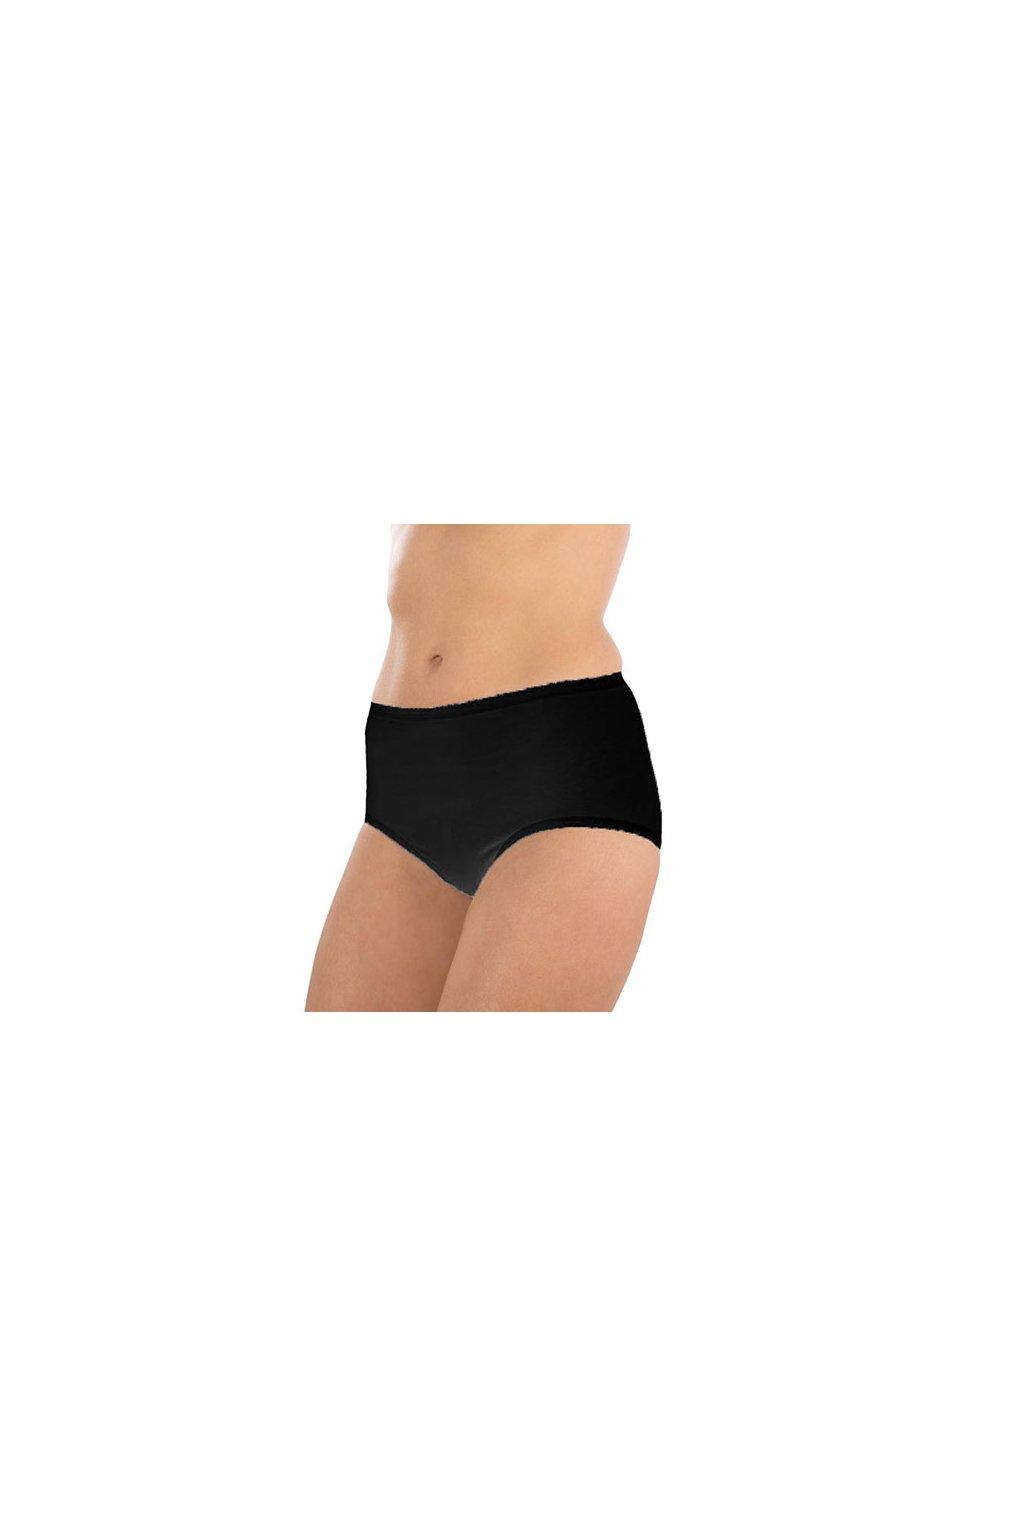 Dámské kalhotky, 10022 29, černá